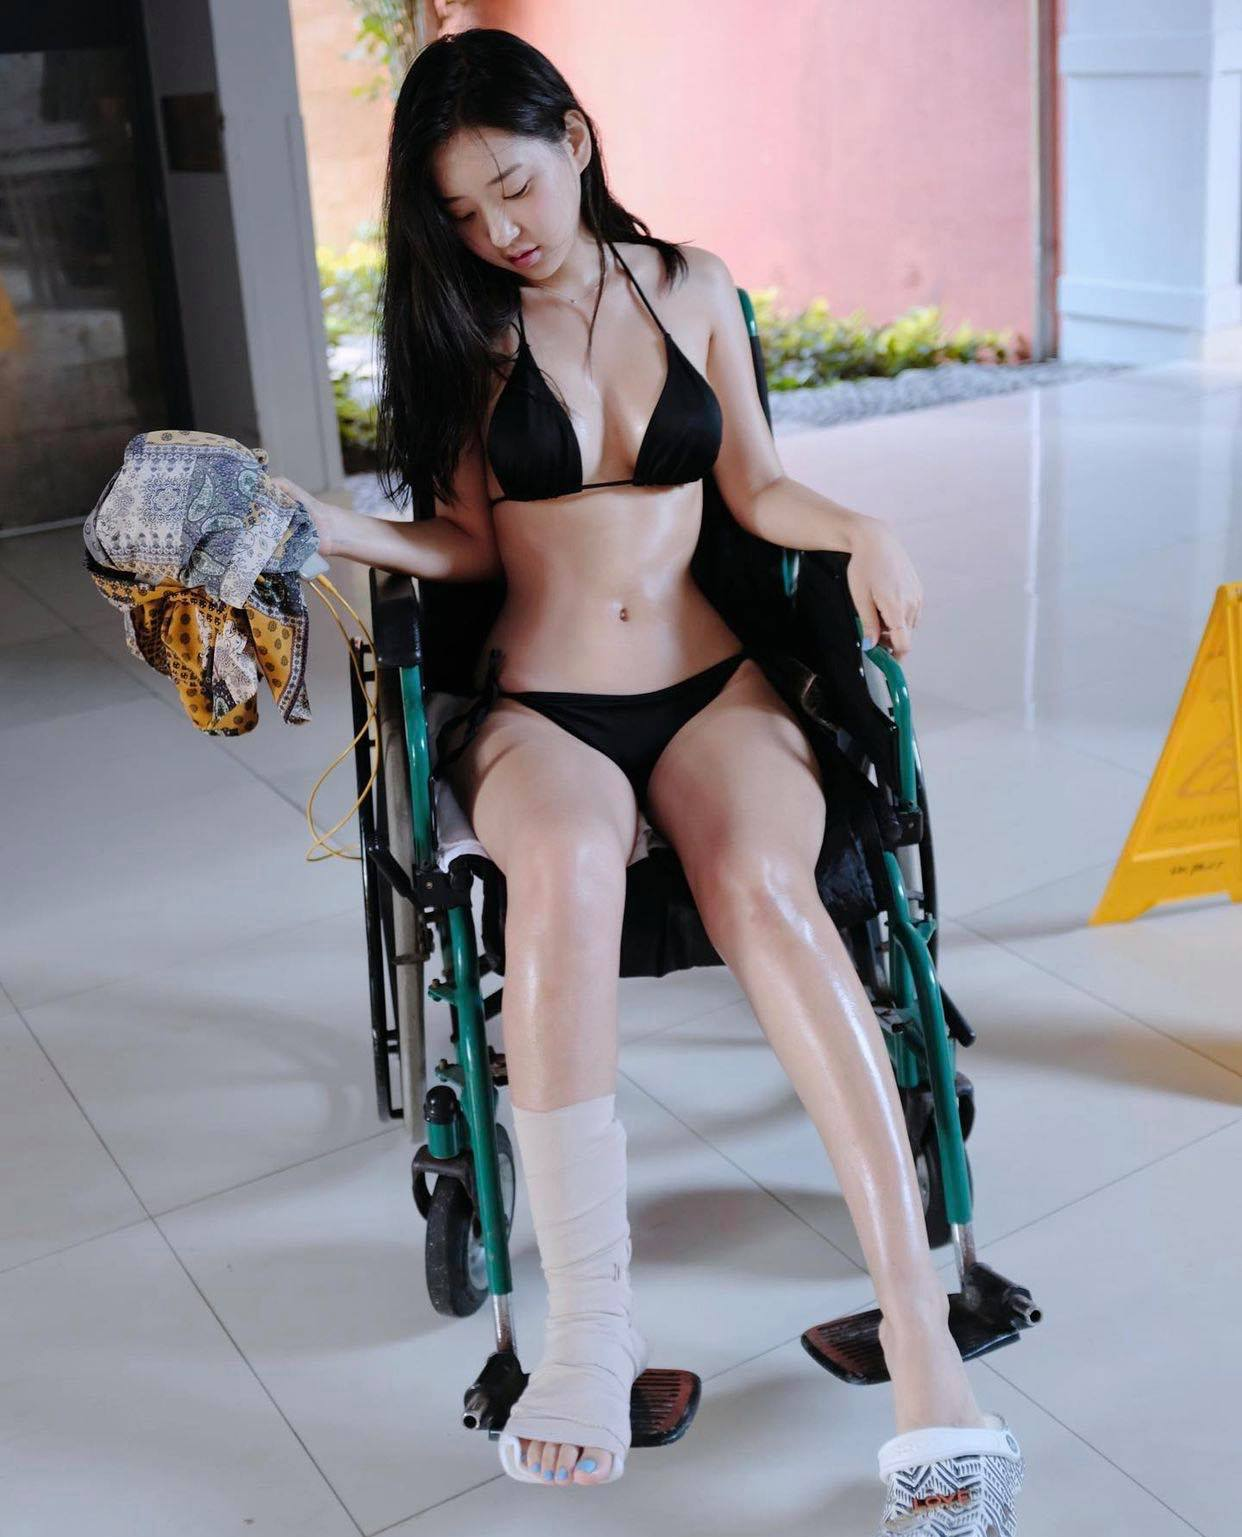 """Các chị đẹp Hàn Quốc diện """"bikini dây dợ"""" dễ gây """"gai mắt"""" vì khoe đường cong bốc lửa - hình ảnh 3"""